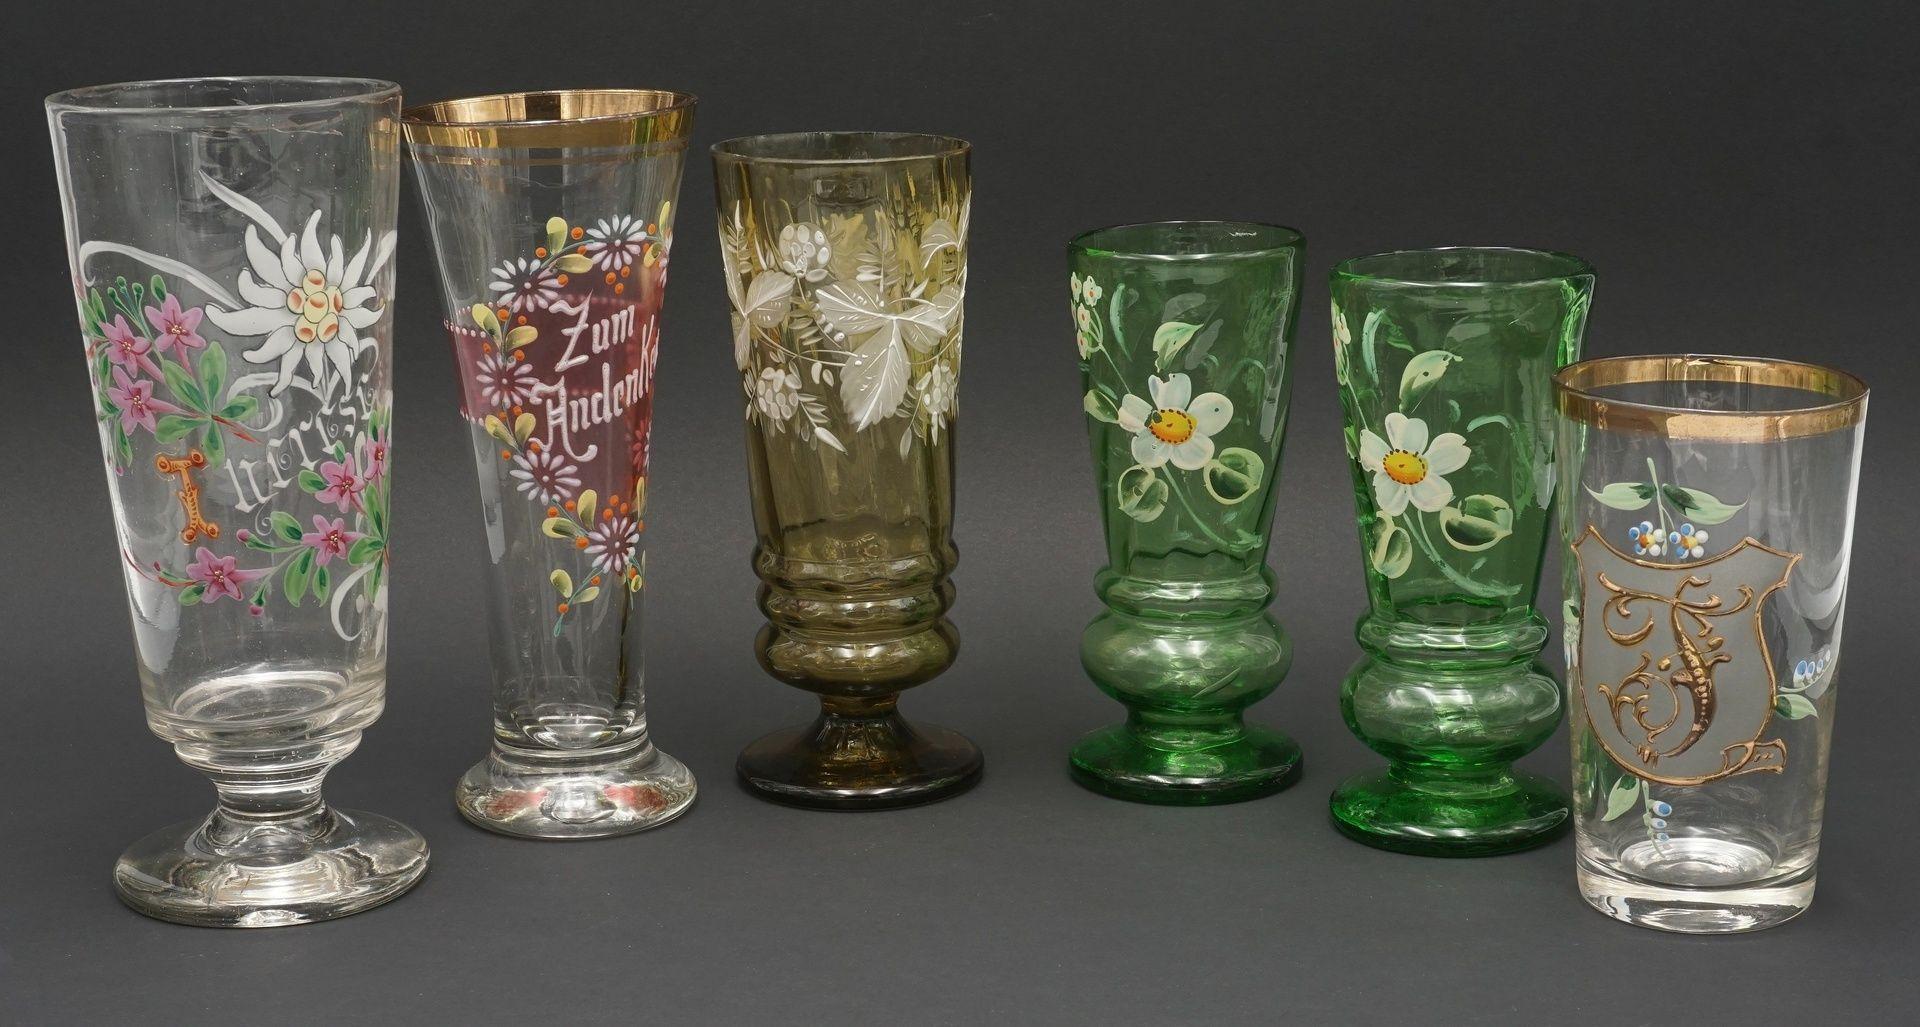 Sechs Gläser, um 1900